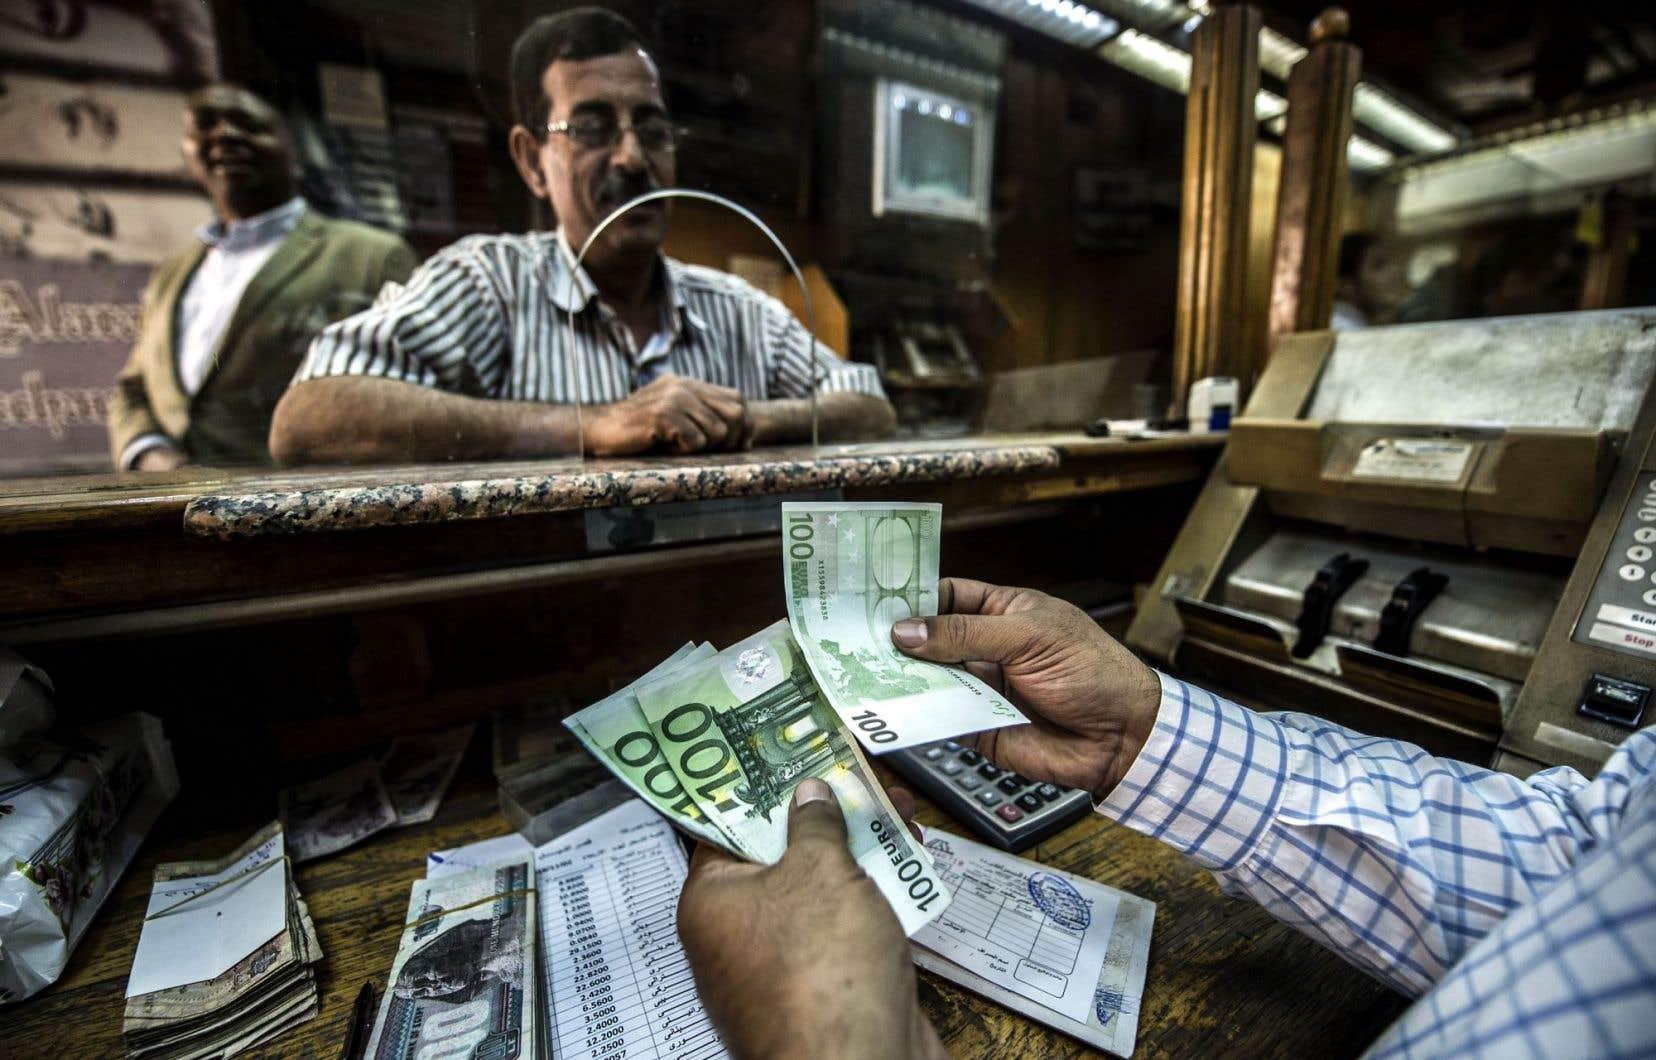 Le Cout De La Vie Explose Les Egyptiens S Inquietent Le